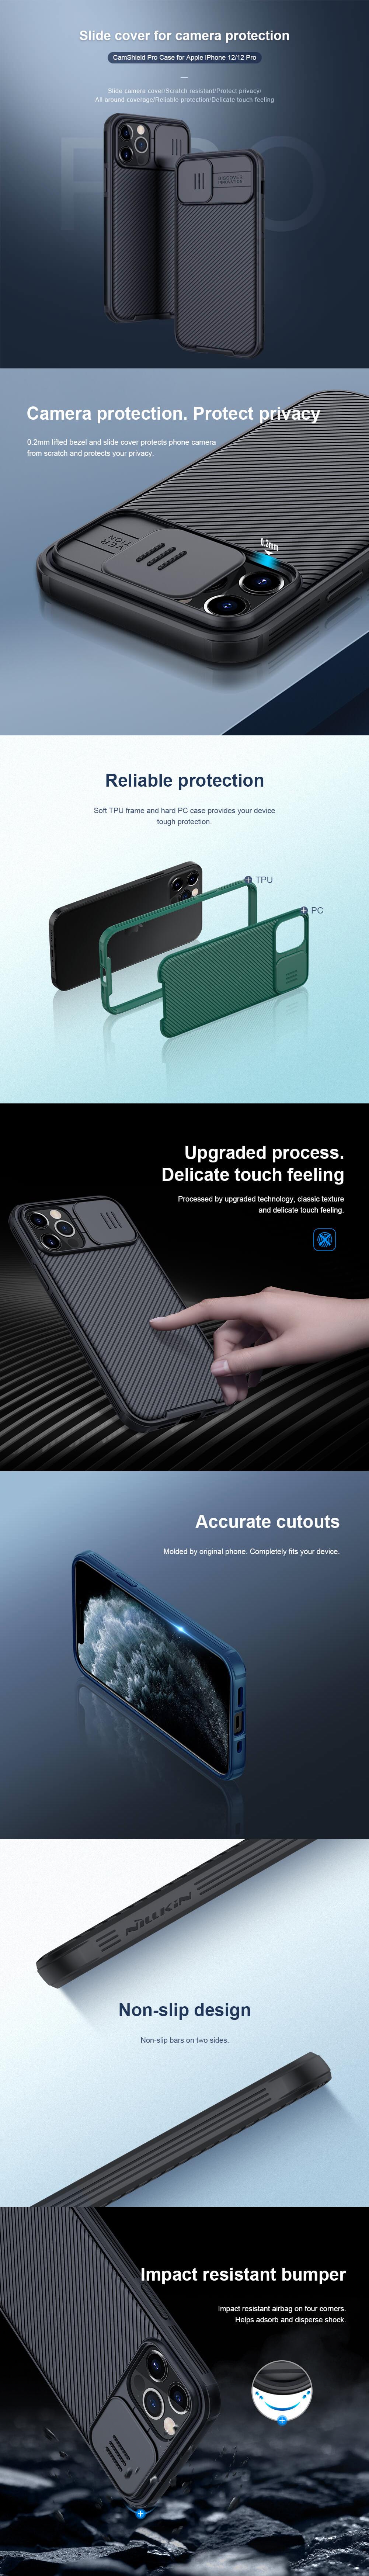 کاور اورجینال نیلکین مدل CamShield Pro مناسب برای گوشی موبایل آیفون 12 و آیفون 12 پرو